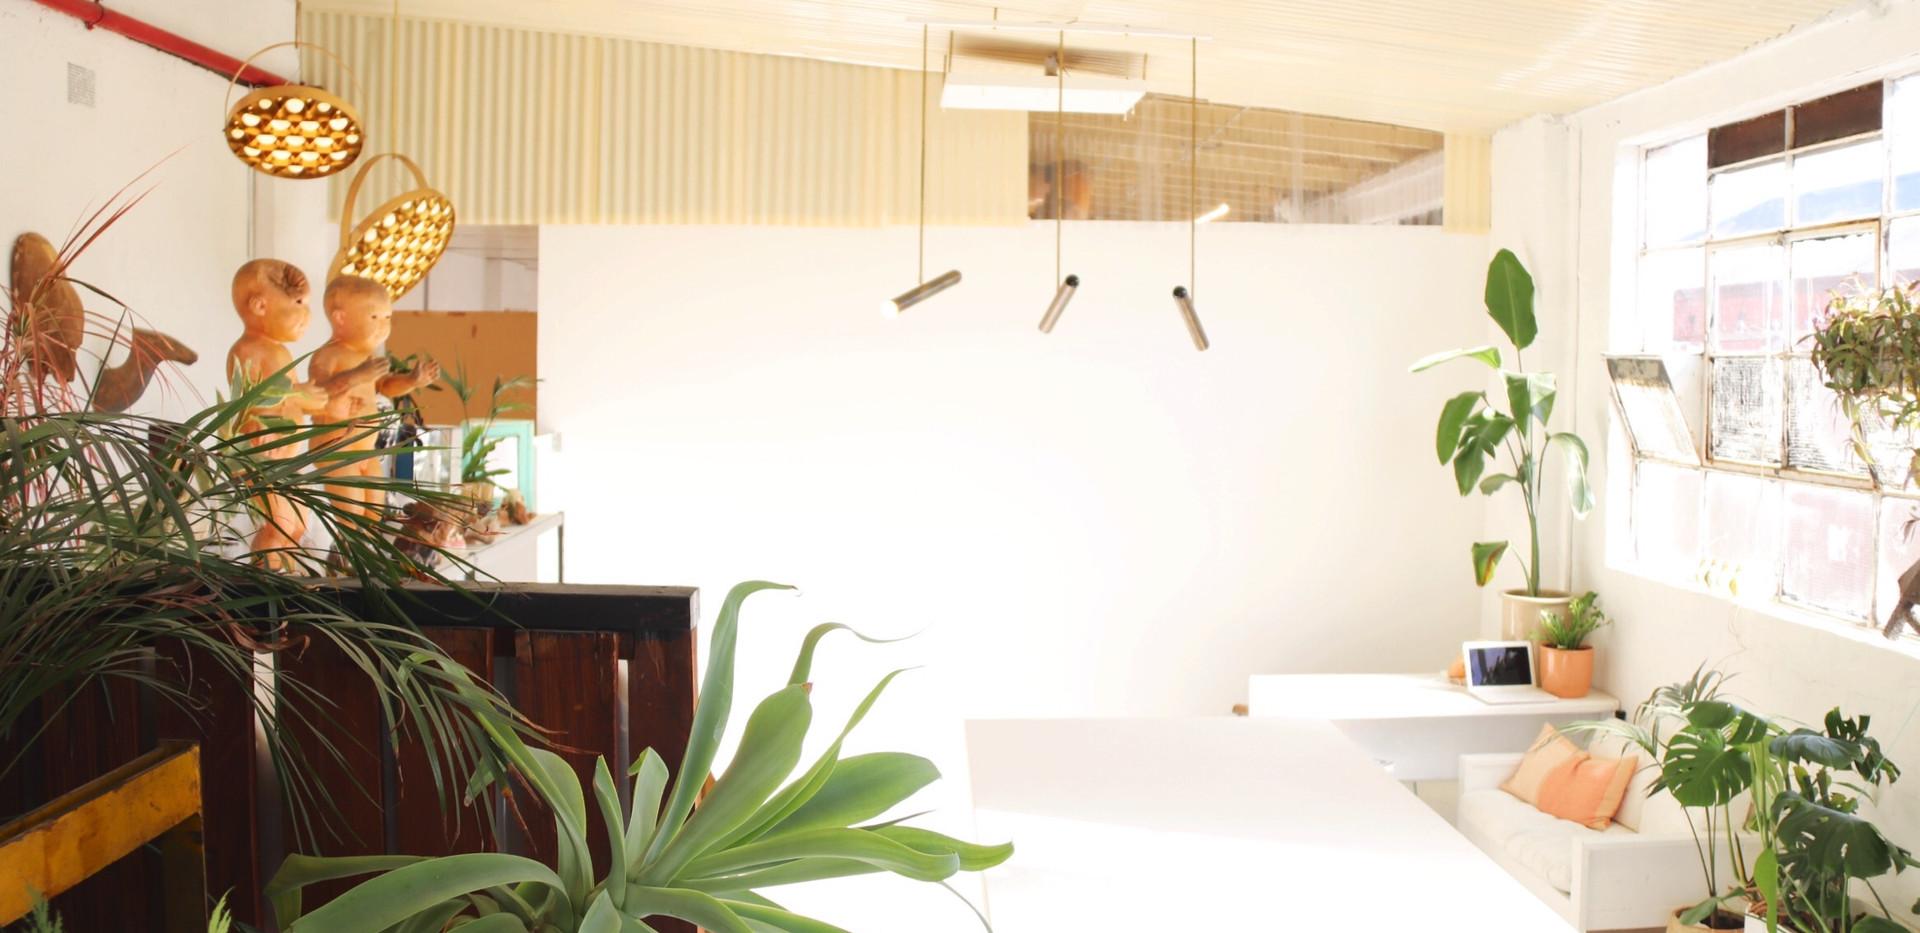 Lost Profile Studio